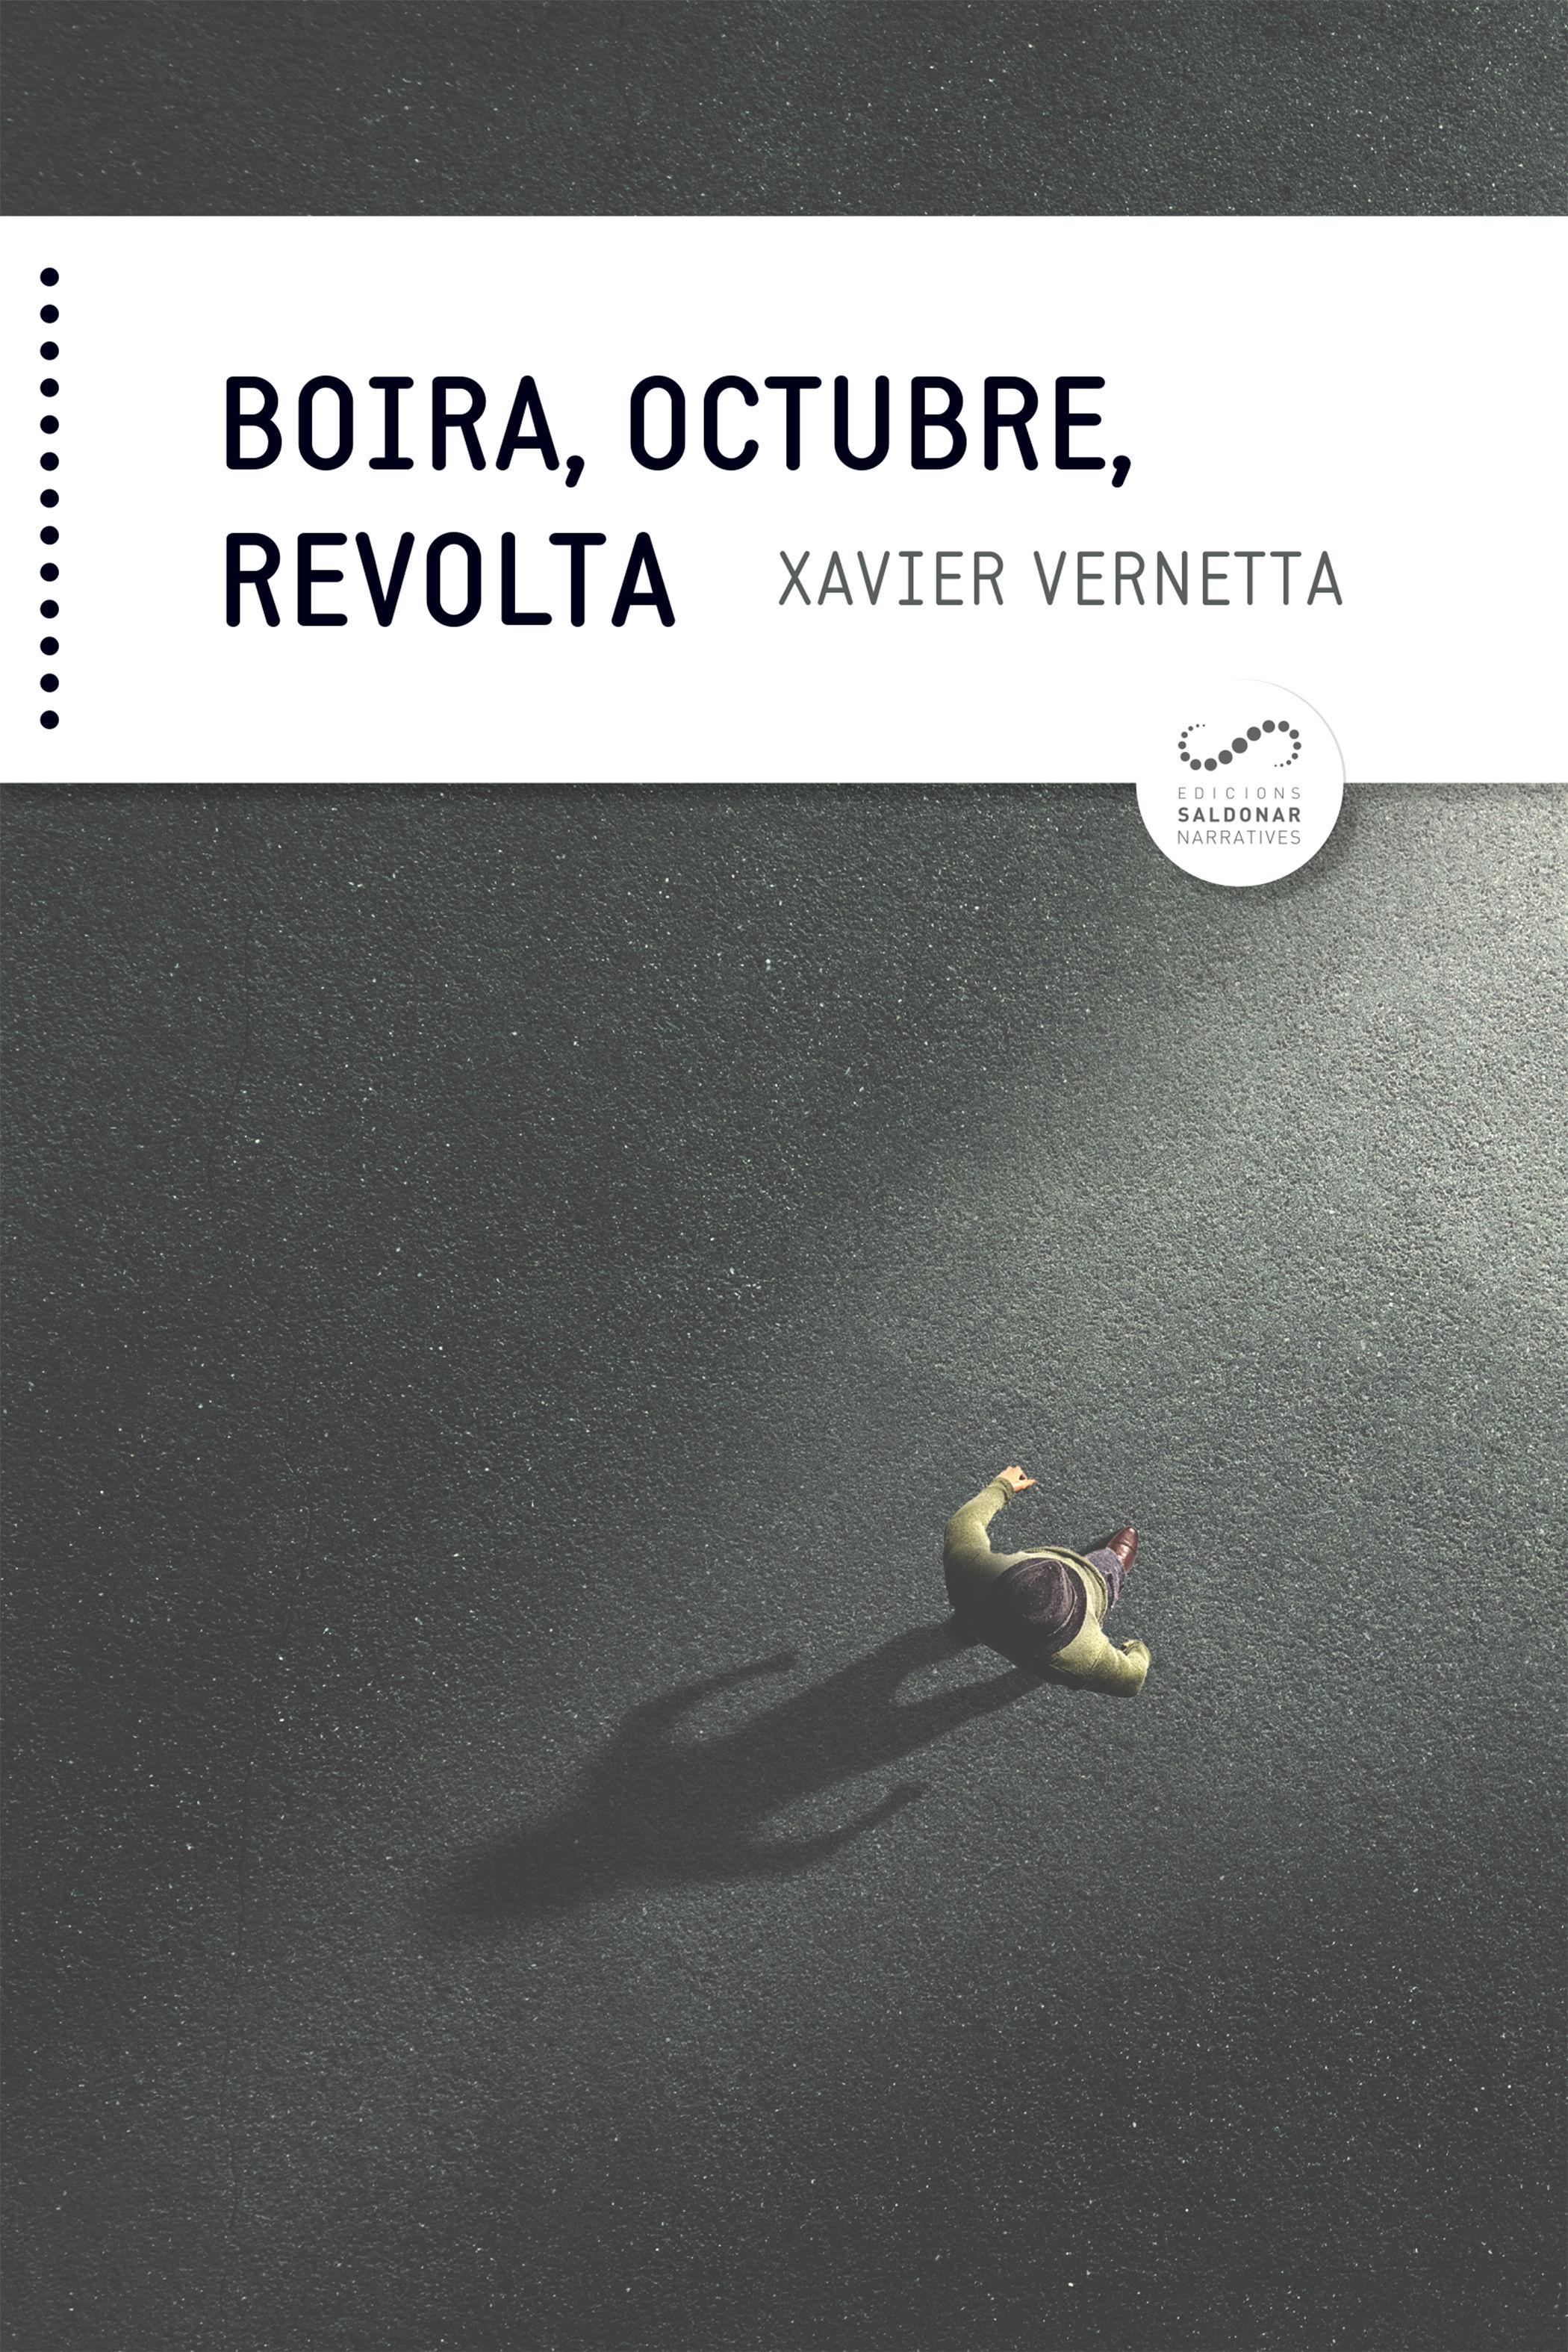 BOIRA OCTUBRE REVOLTA